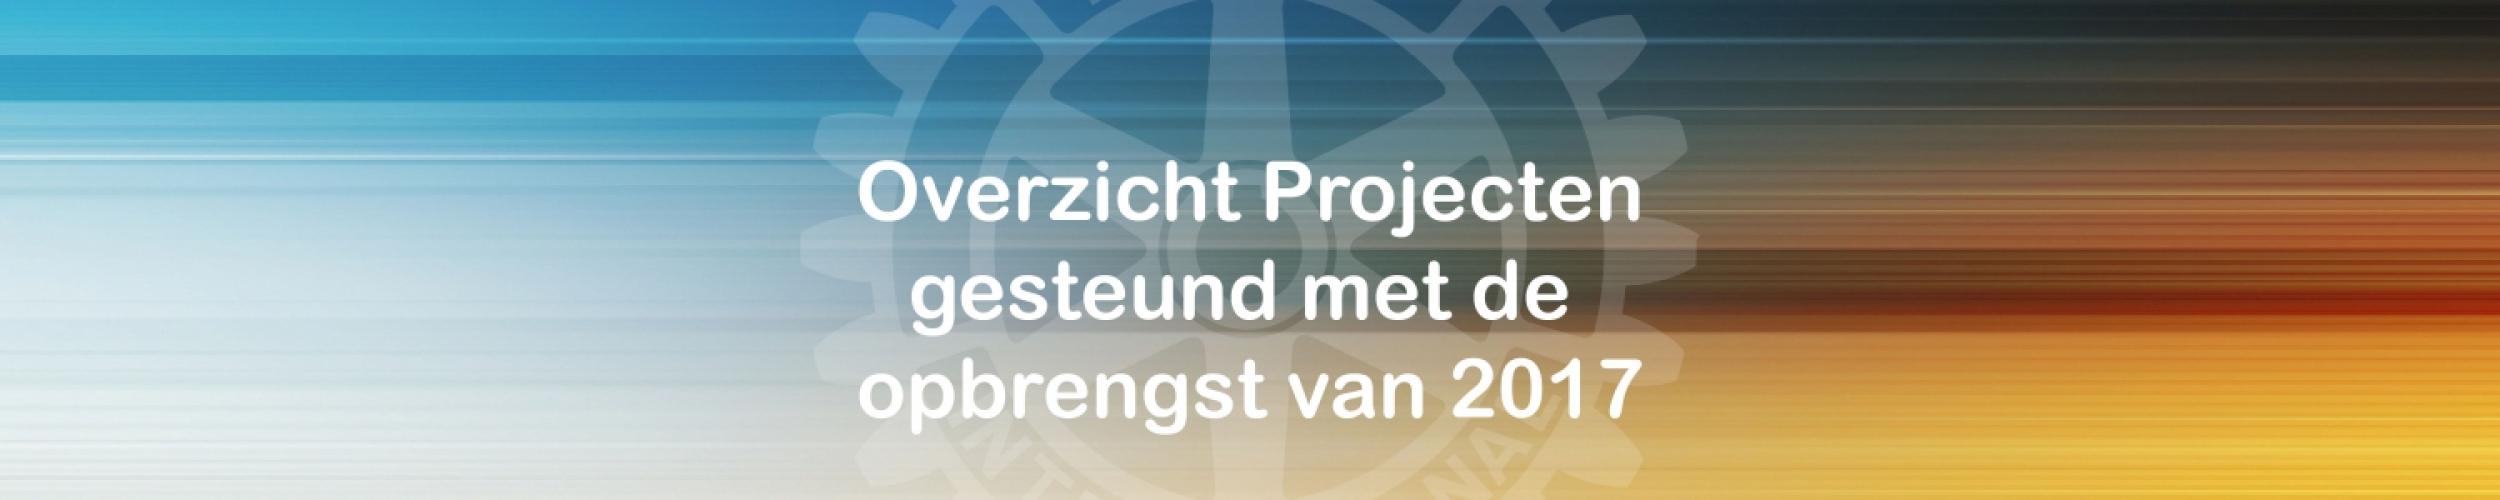 Overzicht gesteunde projecten met opbrengst 2017